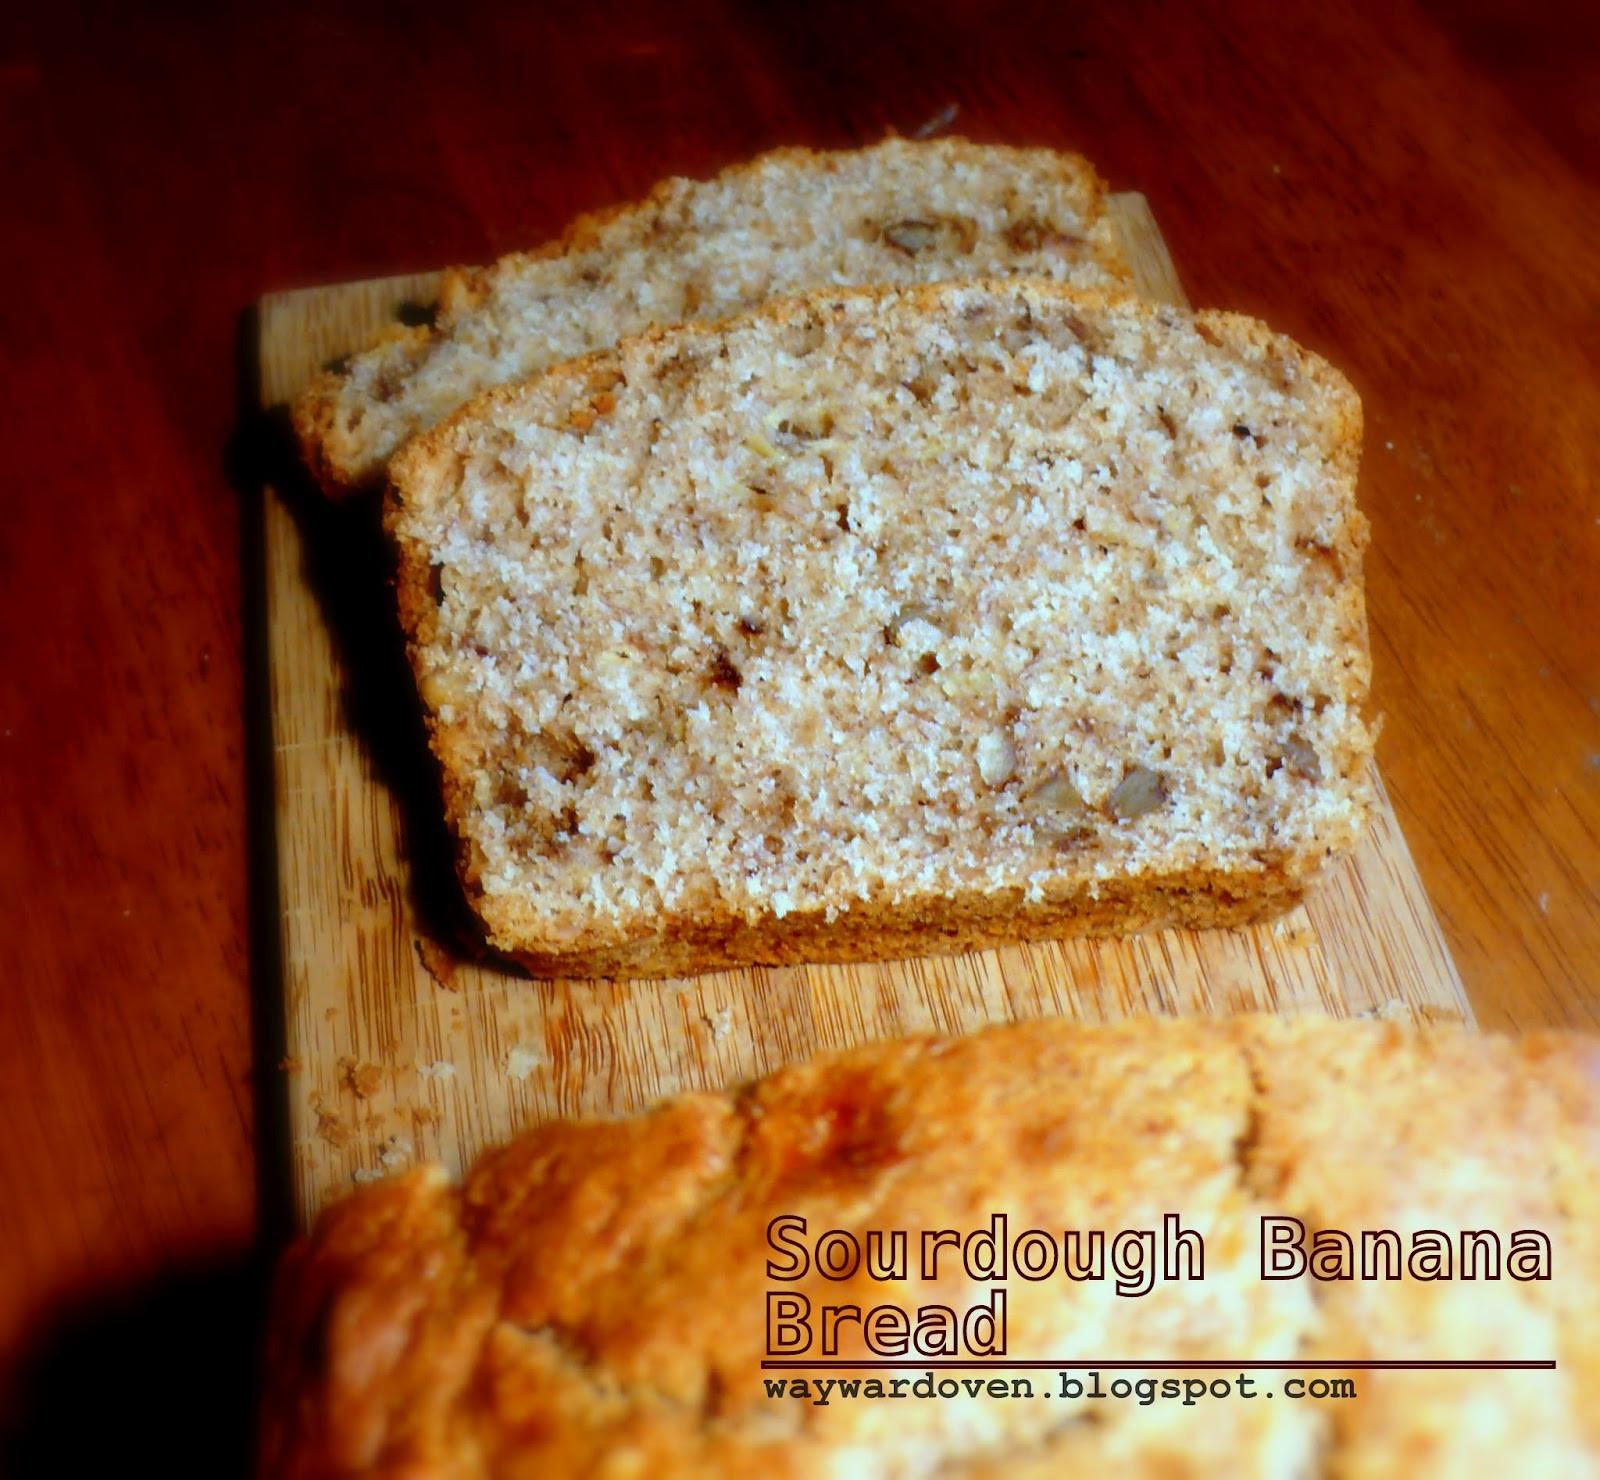 Sourdough Banana Bread  The Wayward Oven Sourdough banana bread